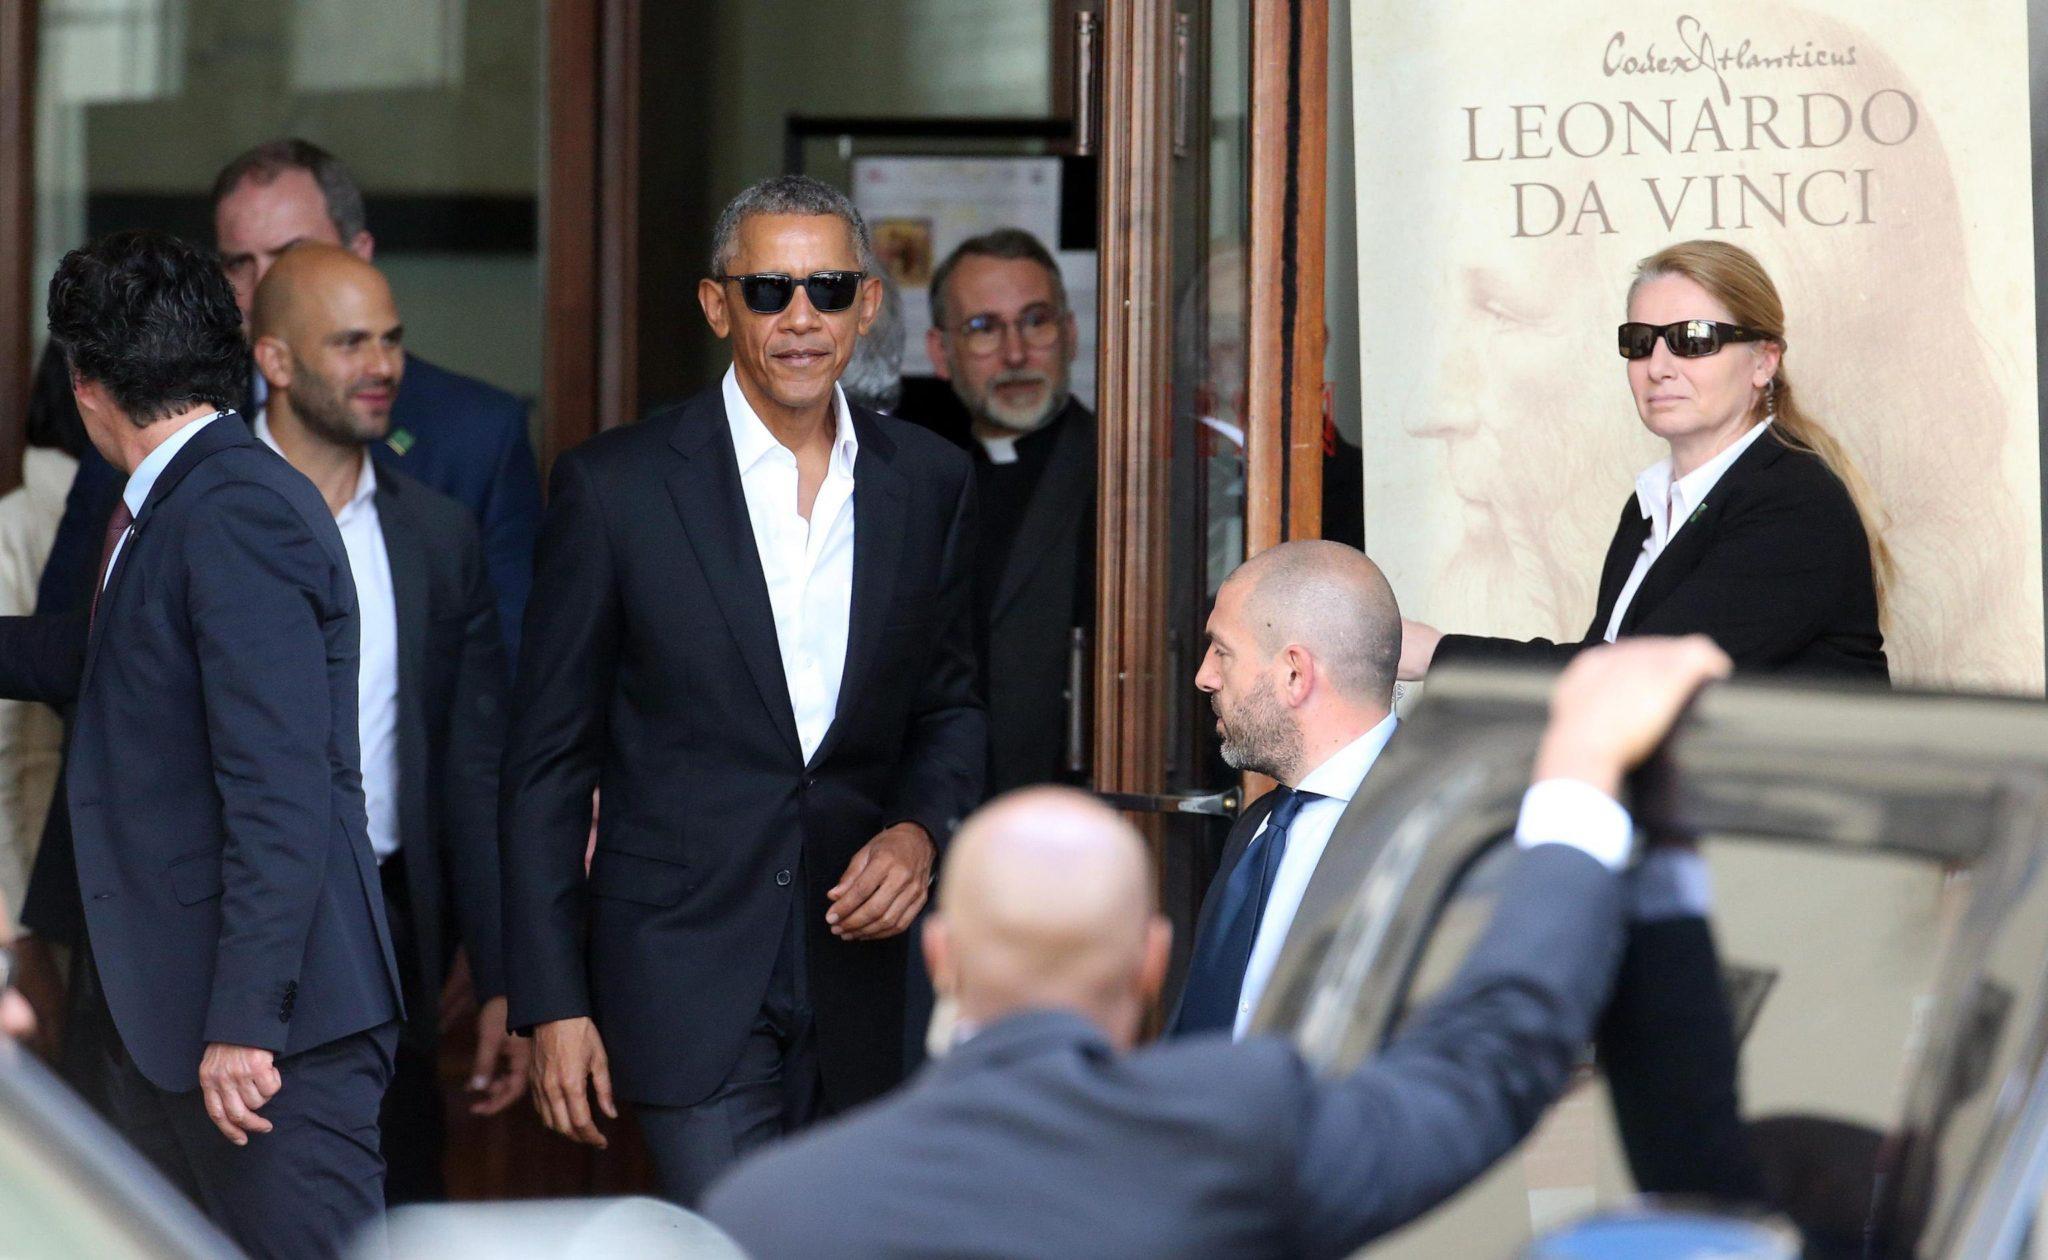 Włochy: Barrack Obama w Mediolanie (foto. PAP/EPA/MATTEO BAZZI)